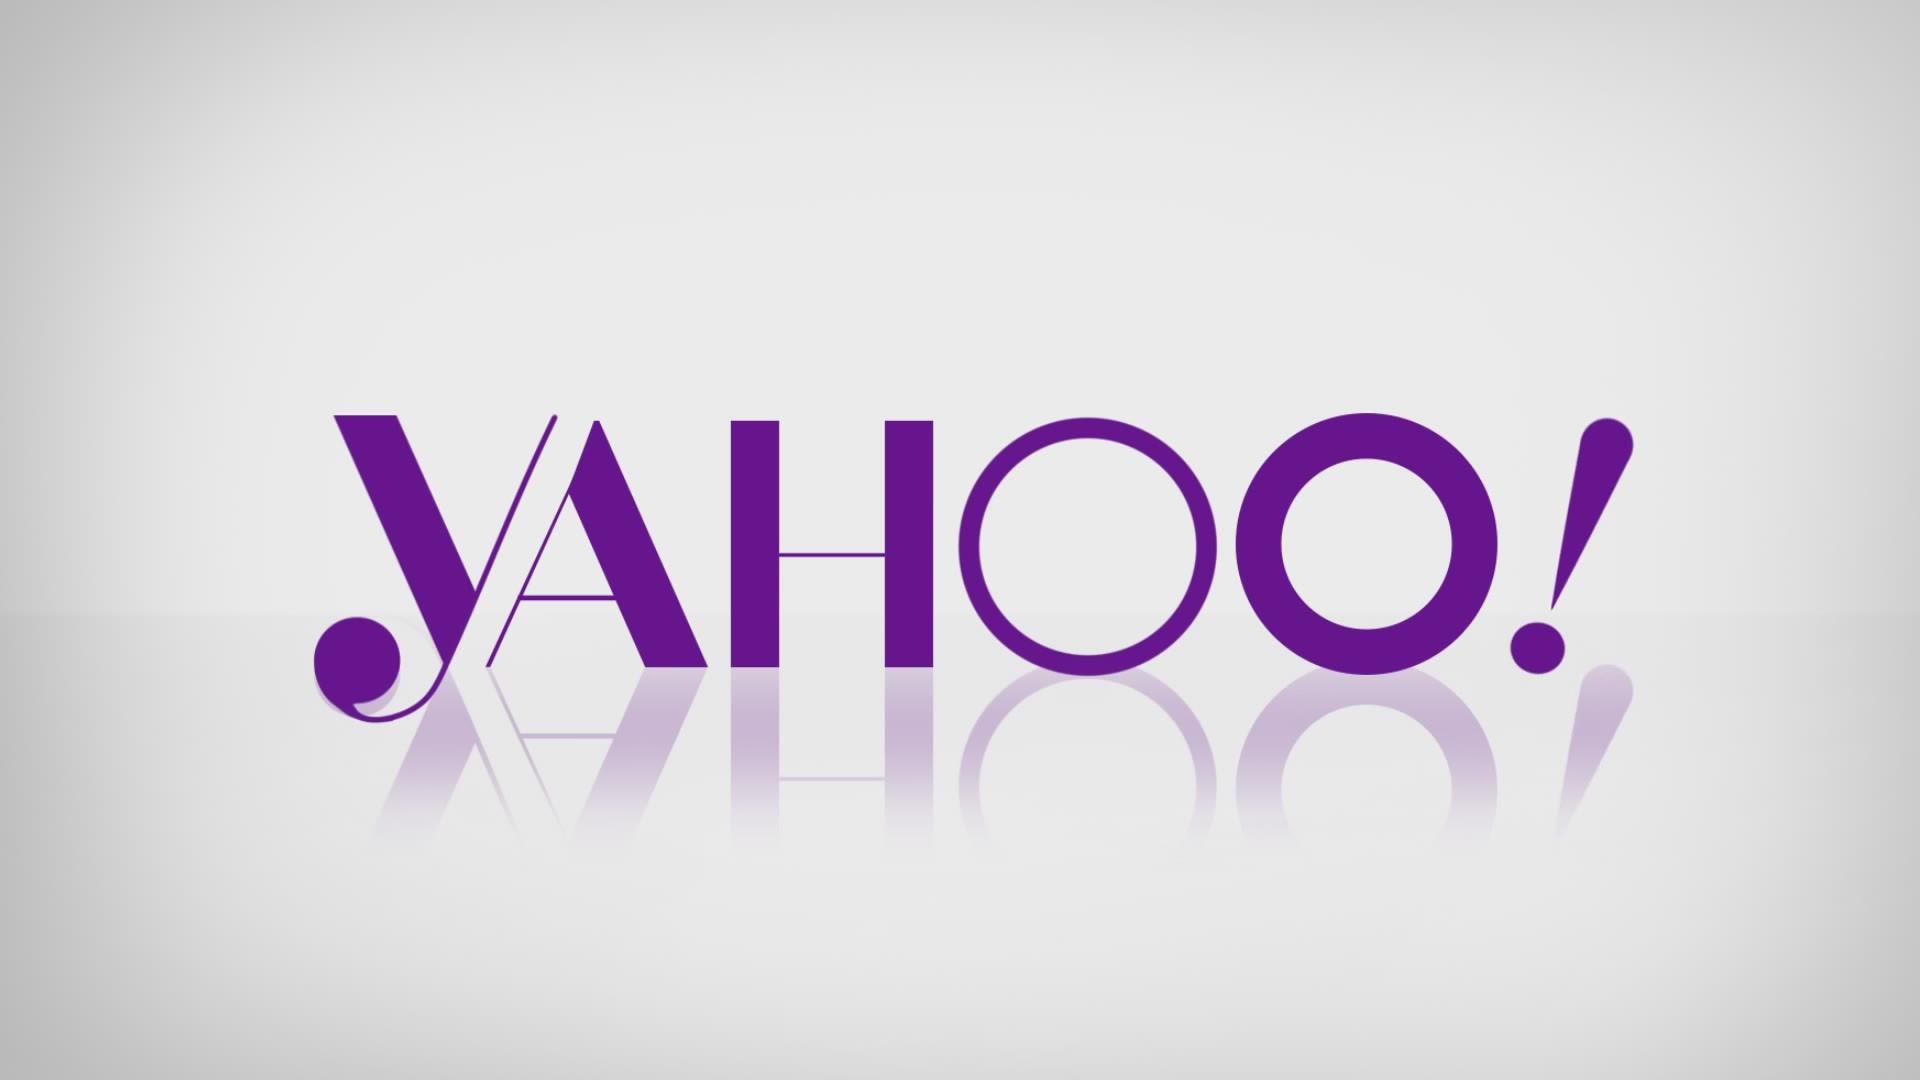 Yahoo! собирается сократить 15% своих сотрудников и сократить число подразделений